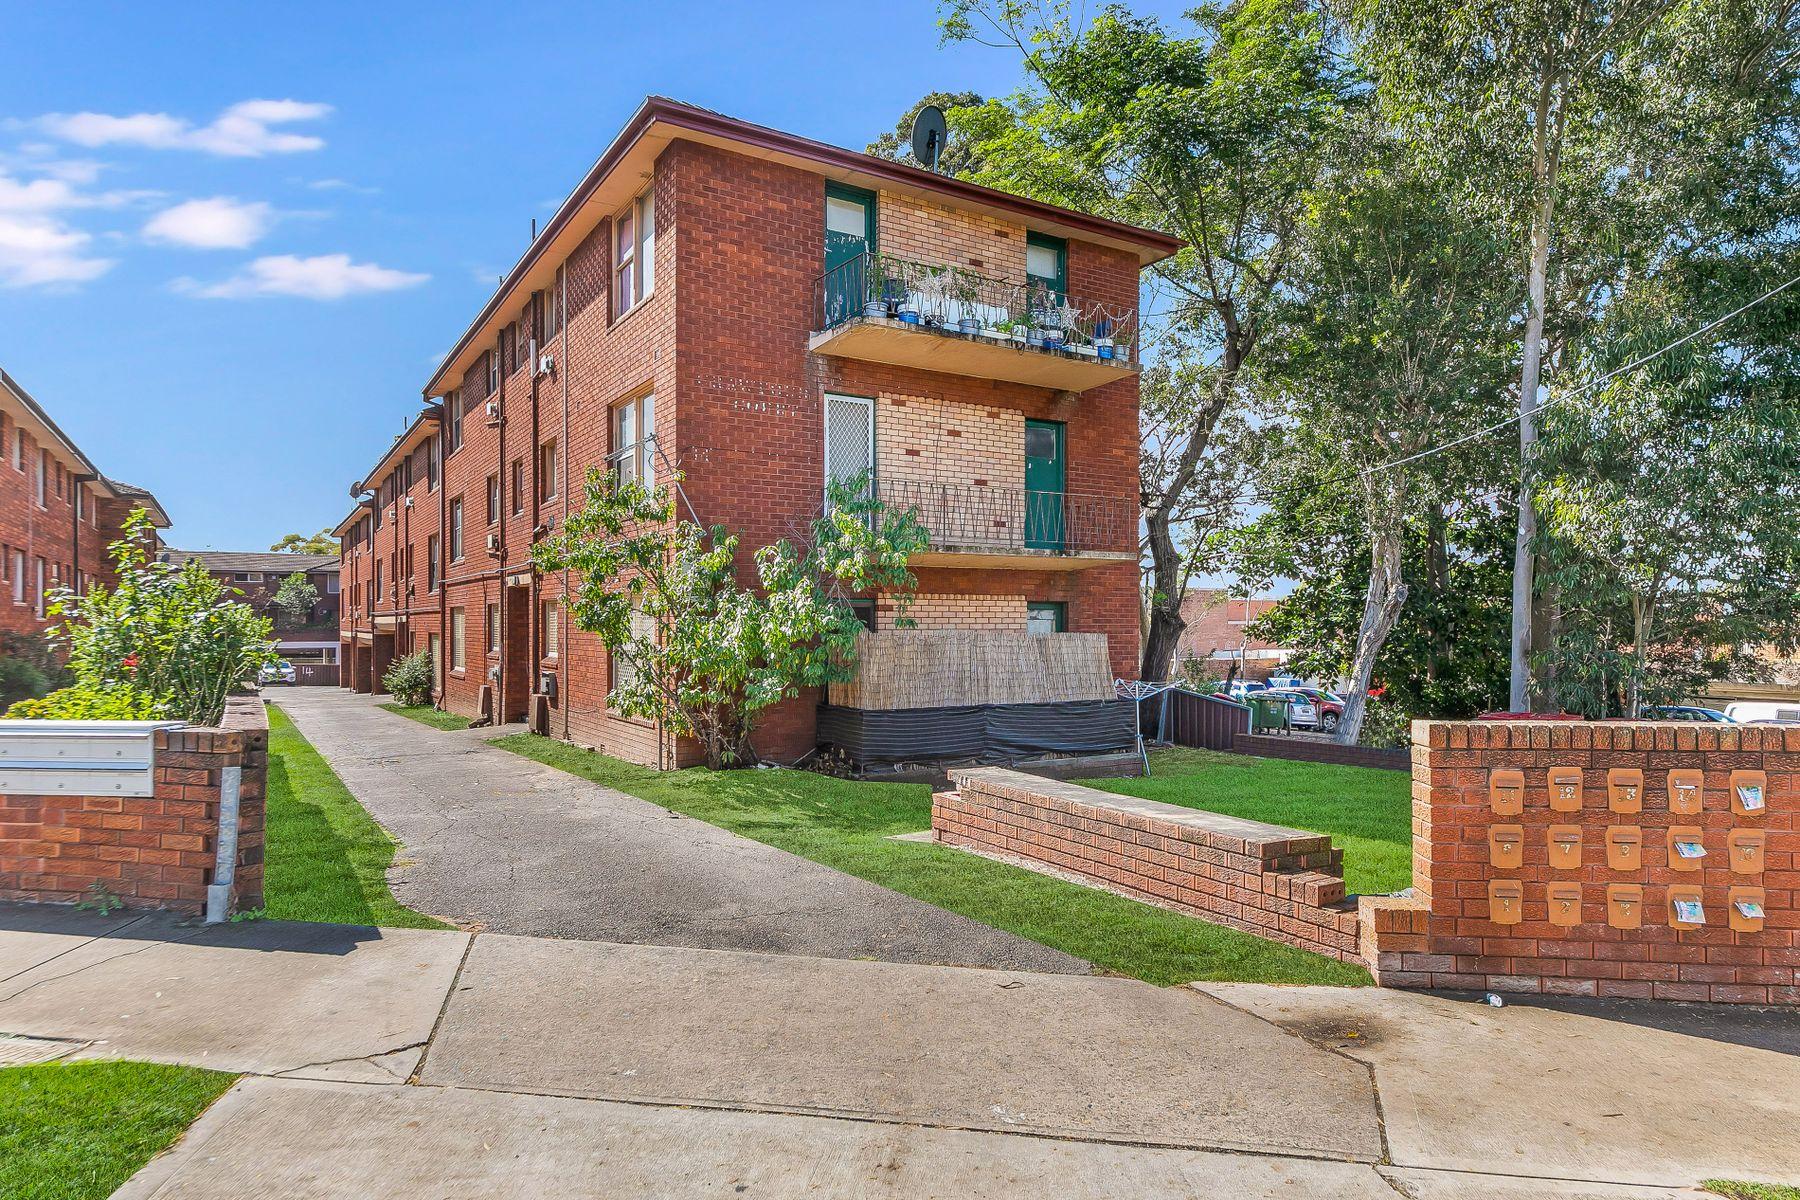 2/14 Crawford Street, Berala, NSW 2141